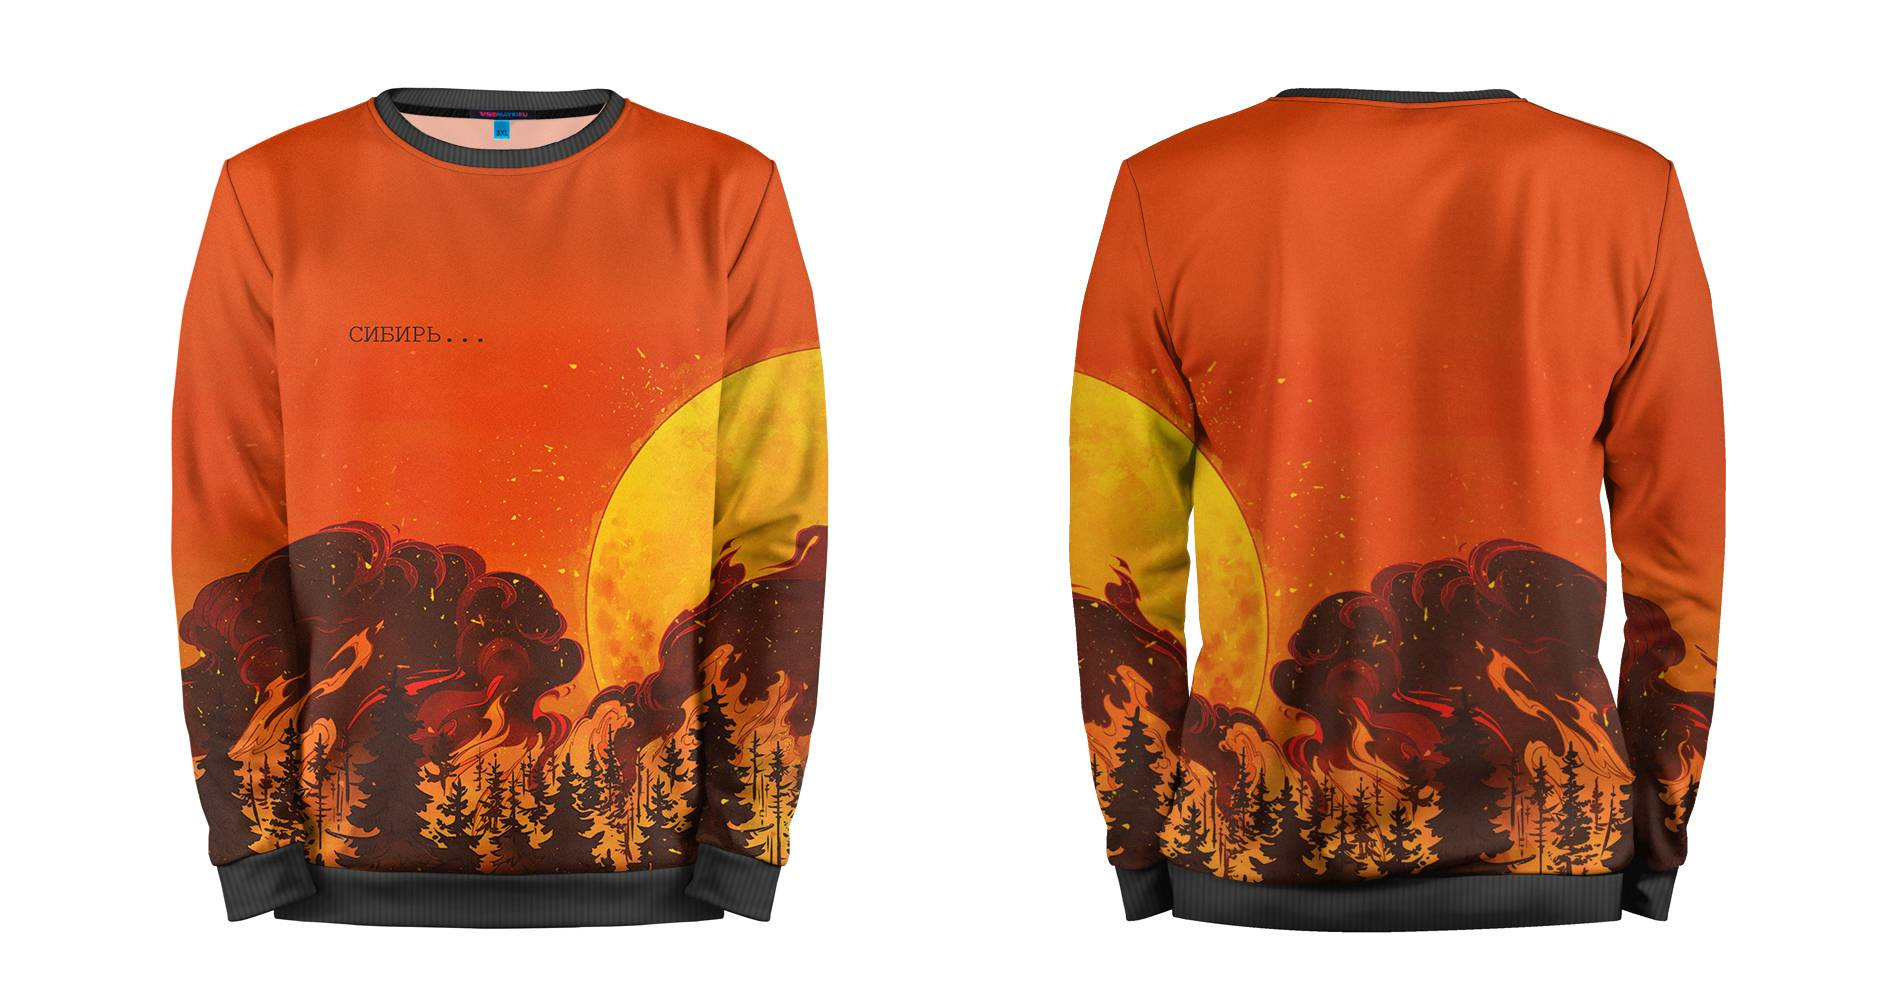 Сибирская компания выпустила коллекцию одежды, с которой пожертвует деньги на восстановление тайги